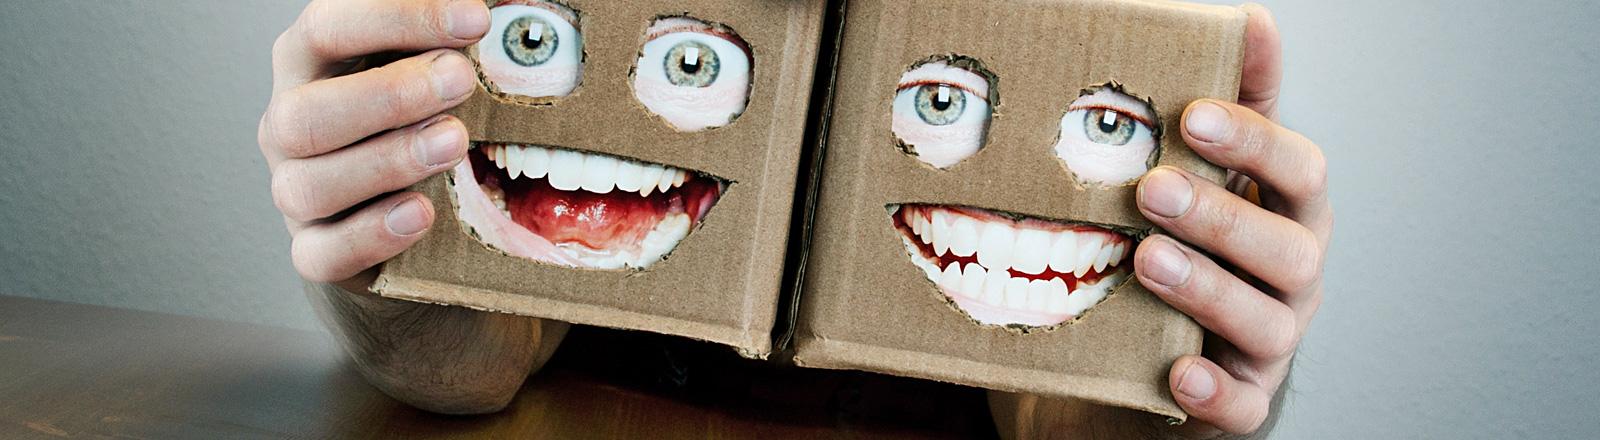 Zwei Hände halten zwei Kisten mit jeweils drei Löchern. Hinter den Löchern sind Fotos von Augen und Mündern geklebt. Dadurch wirken die Kisten wie Gesichter.